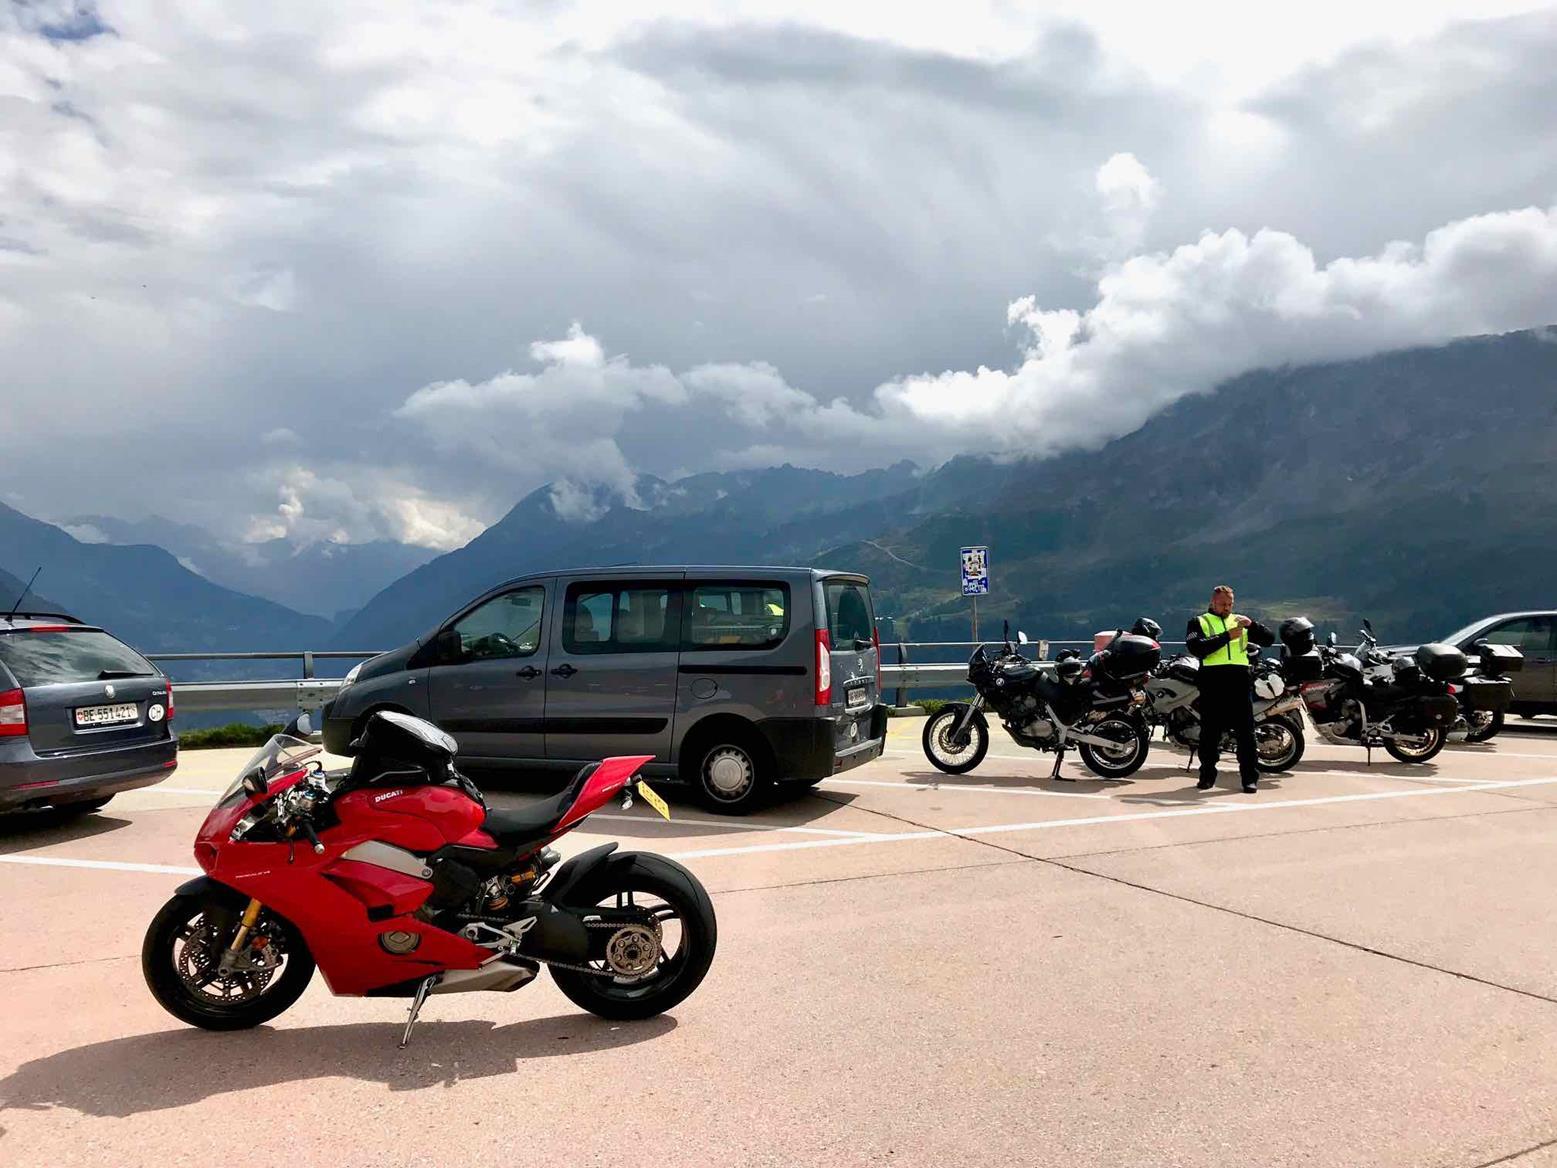 MCN Fleet: Ducati V4 S - 3100-miles in 10 days